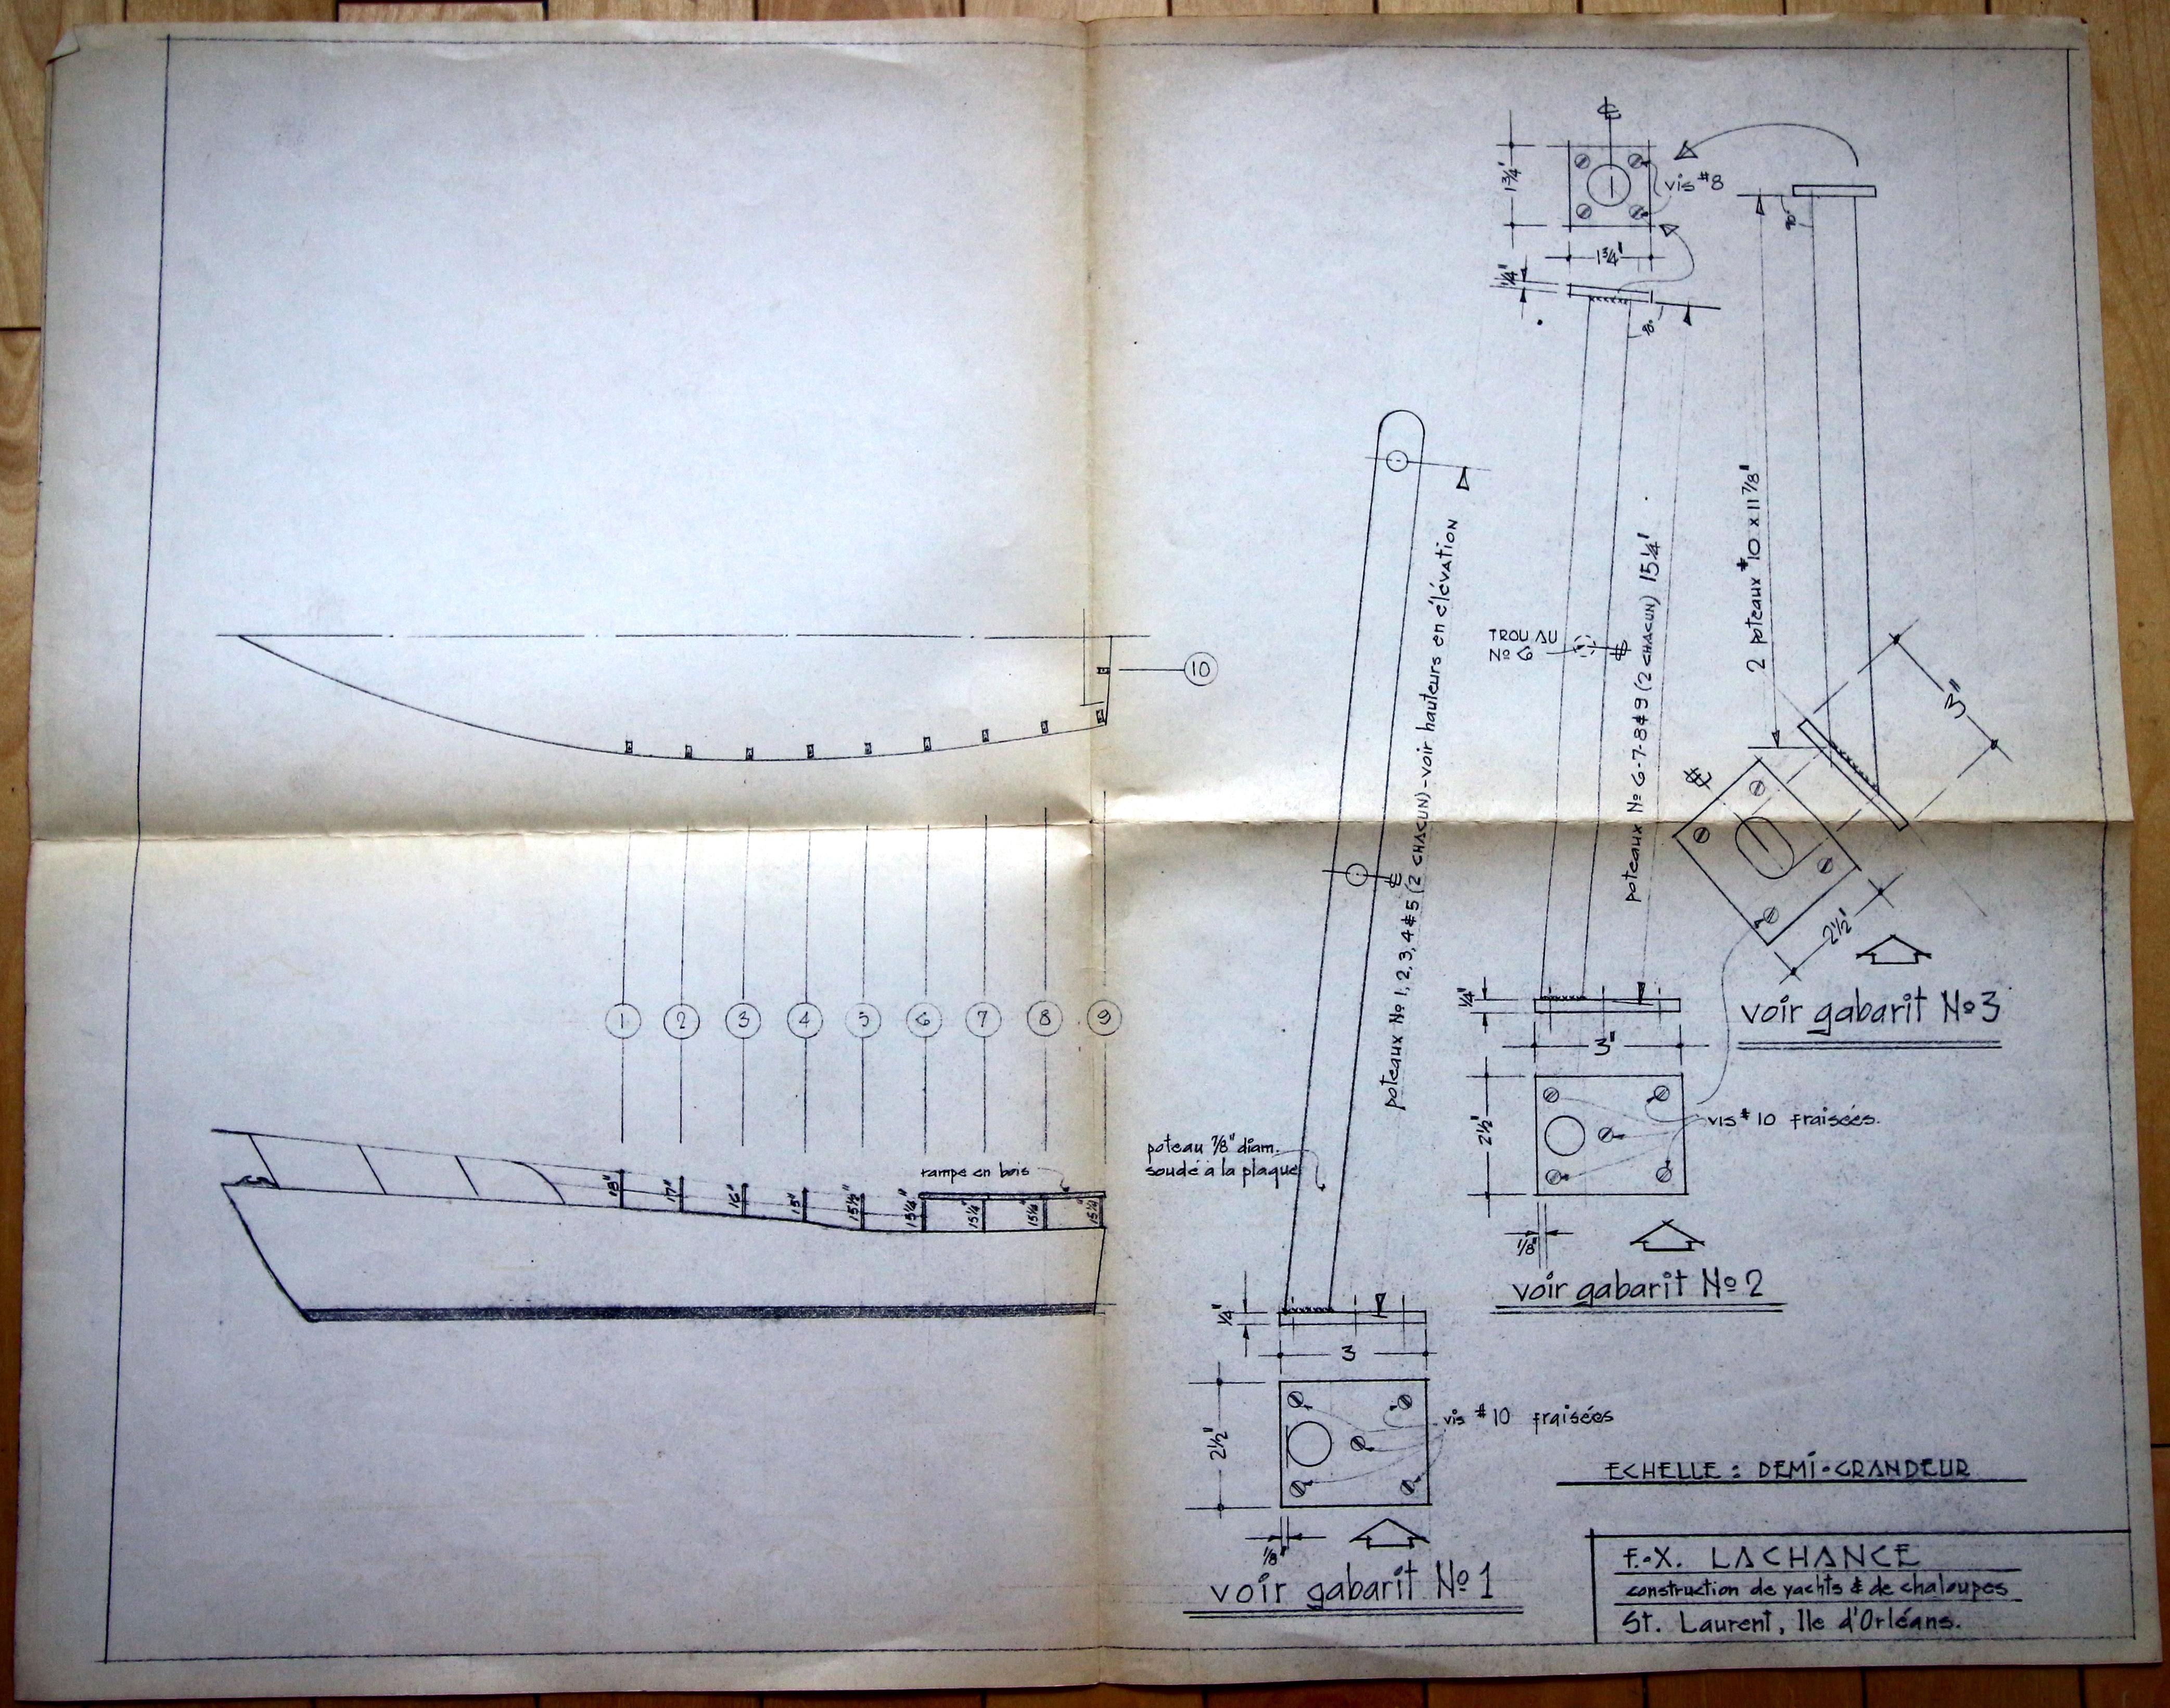 Plan technique signé par F-X Lachance, à échelle « demi-grandeur », illustrant la coupe d'un bateau vue de profil, ainsi que trois gabarits de pièces où seront fixés les onze « poteaux » qui forment la structure de l'embarcation.